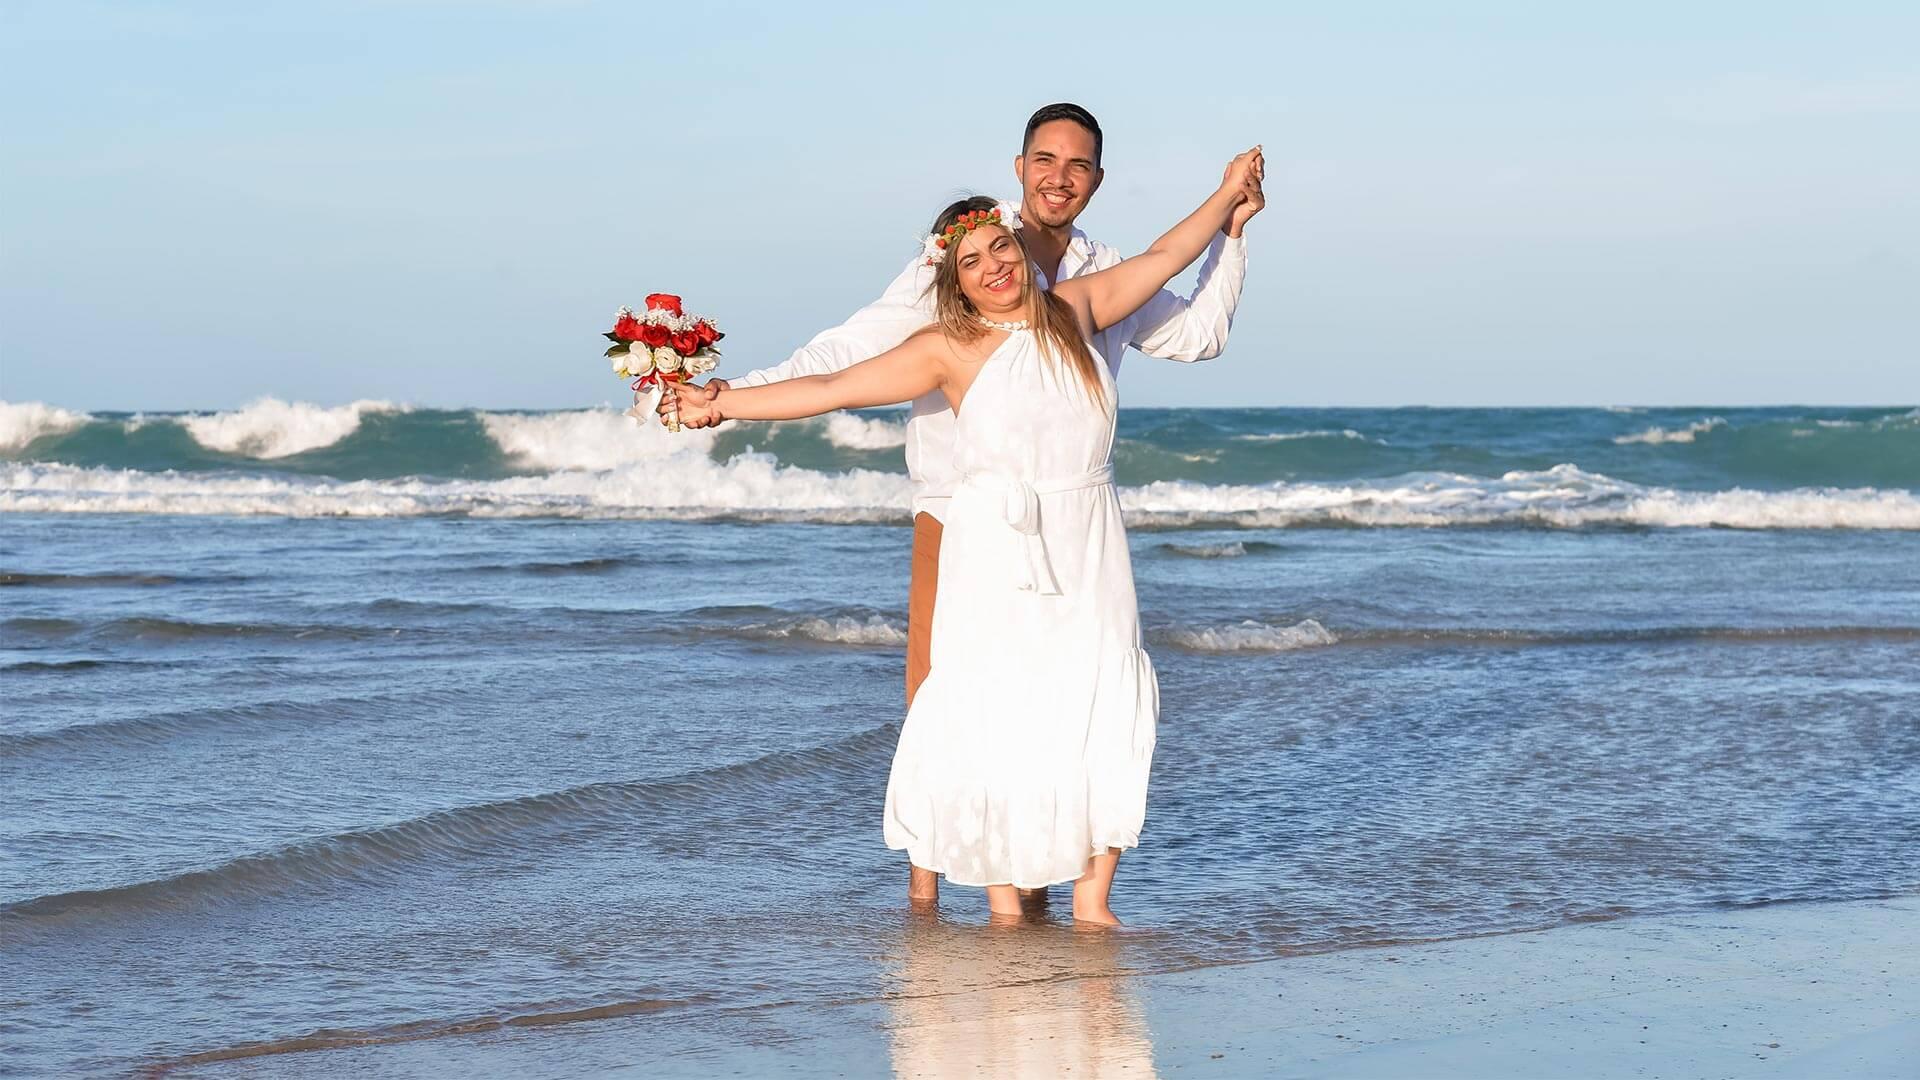 Homem e mulher abraçados, na praia, fazaendo renovação de votos de casamento